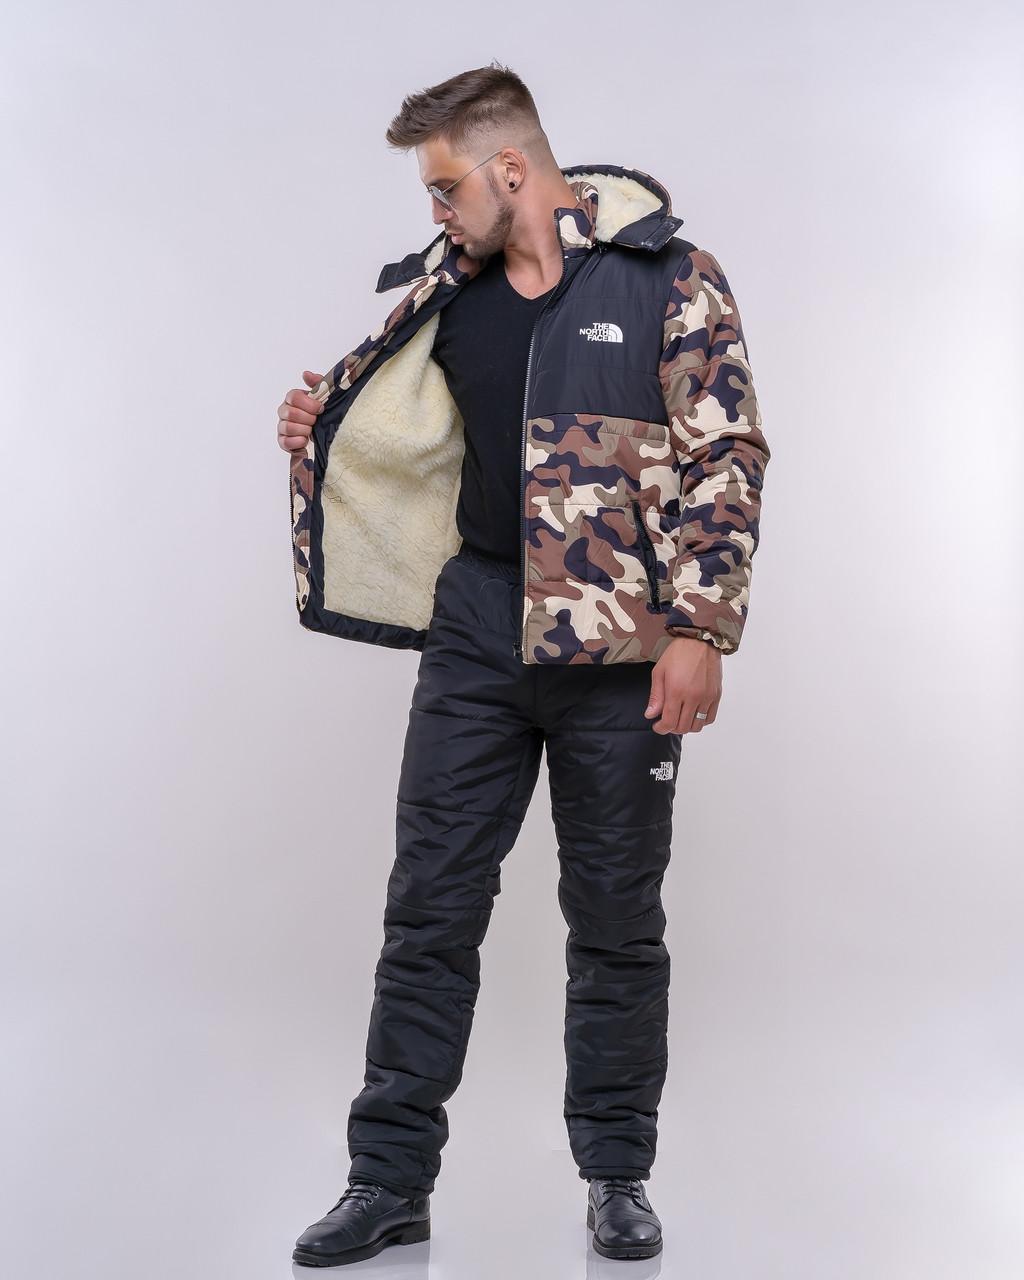 Мужской зимний стеганный прогулочный костюм на синтепоне: куртка на овчине и штаны, принт камуфляж милитари